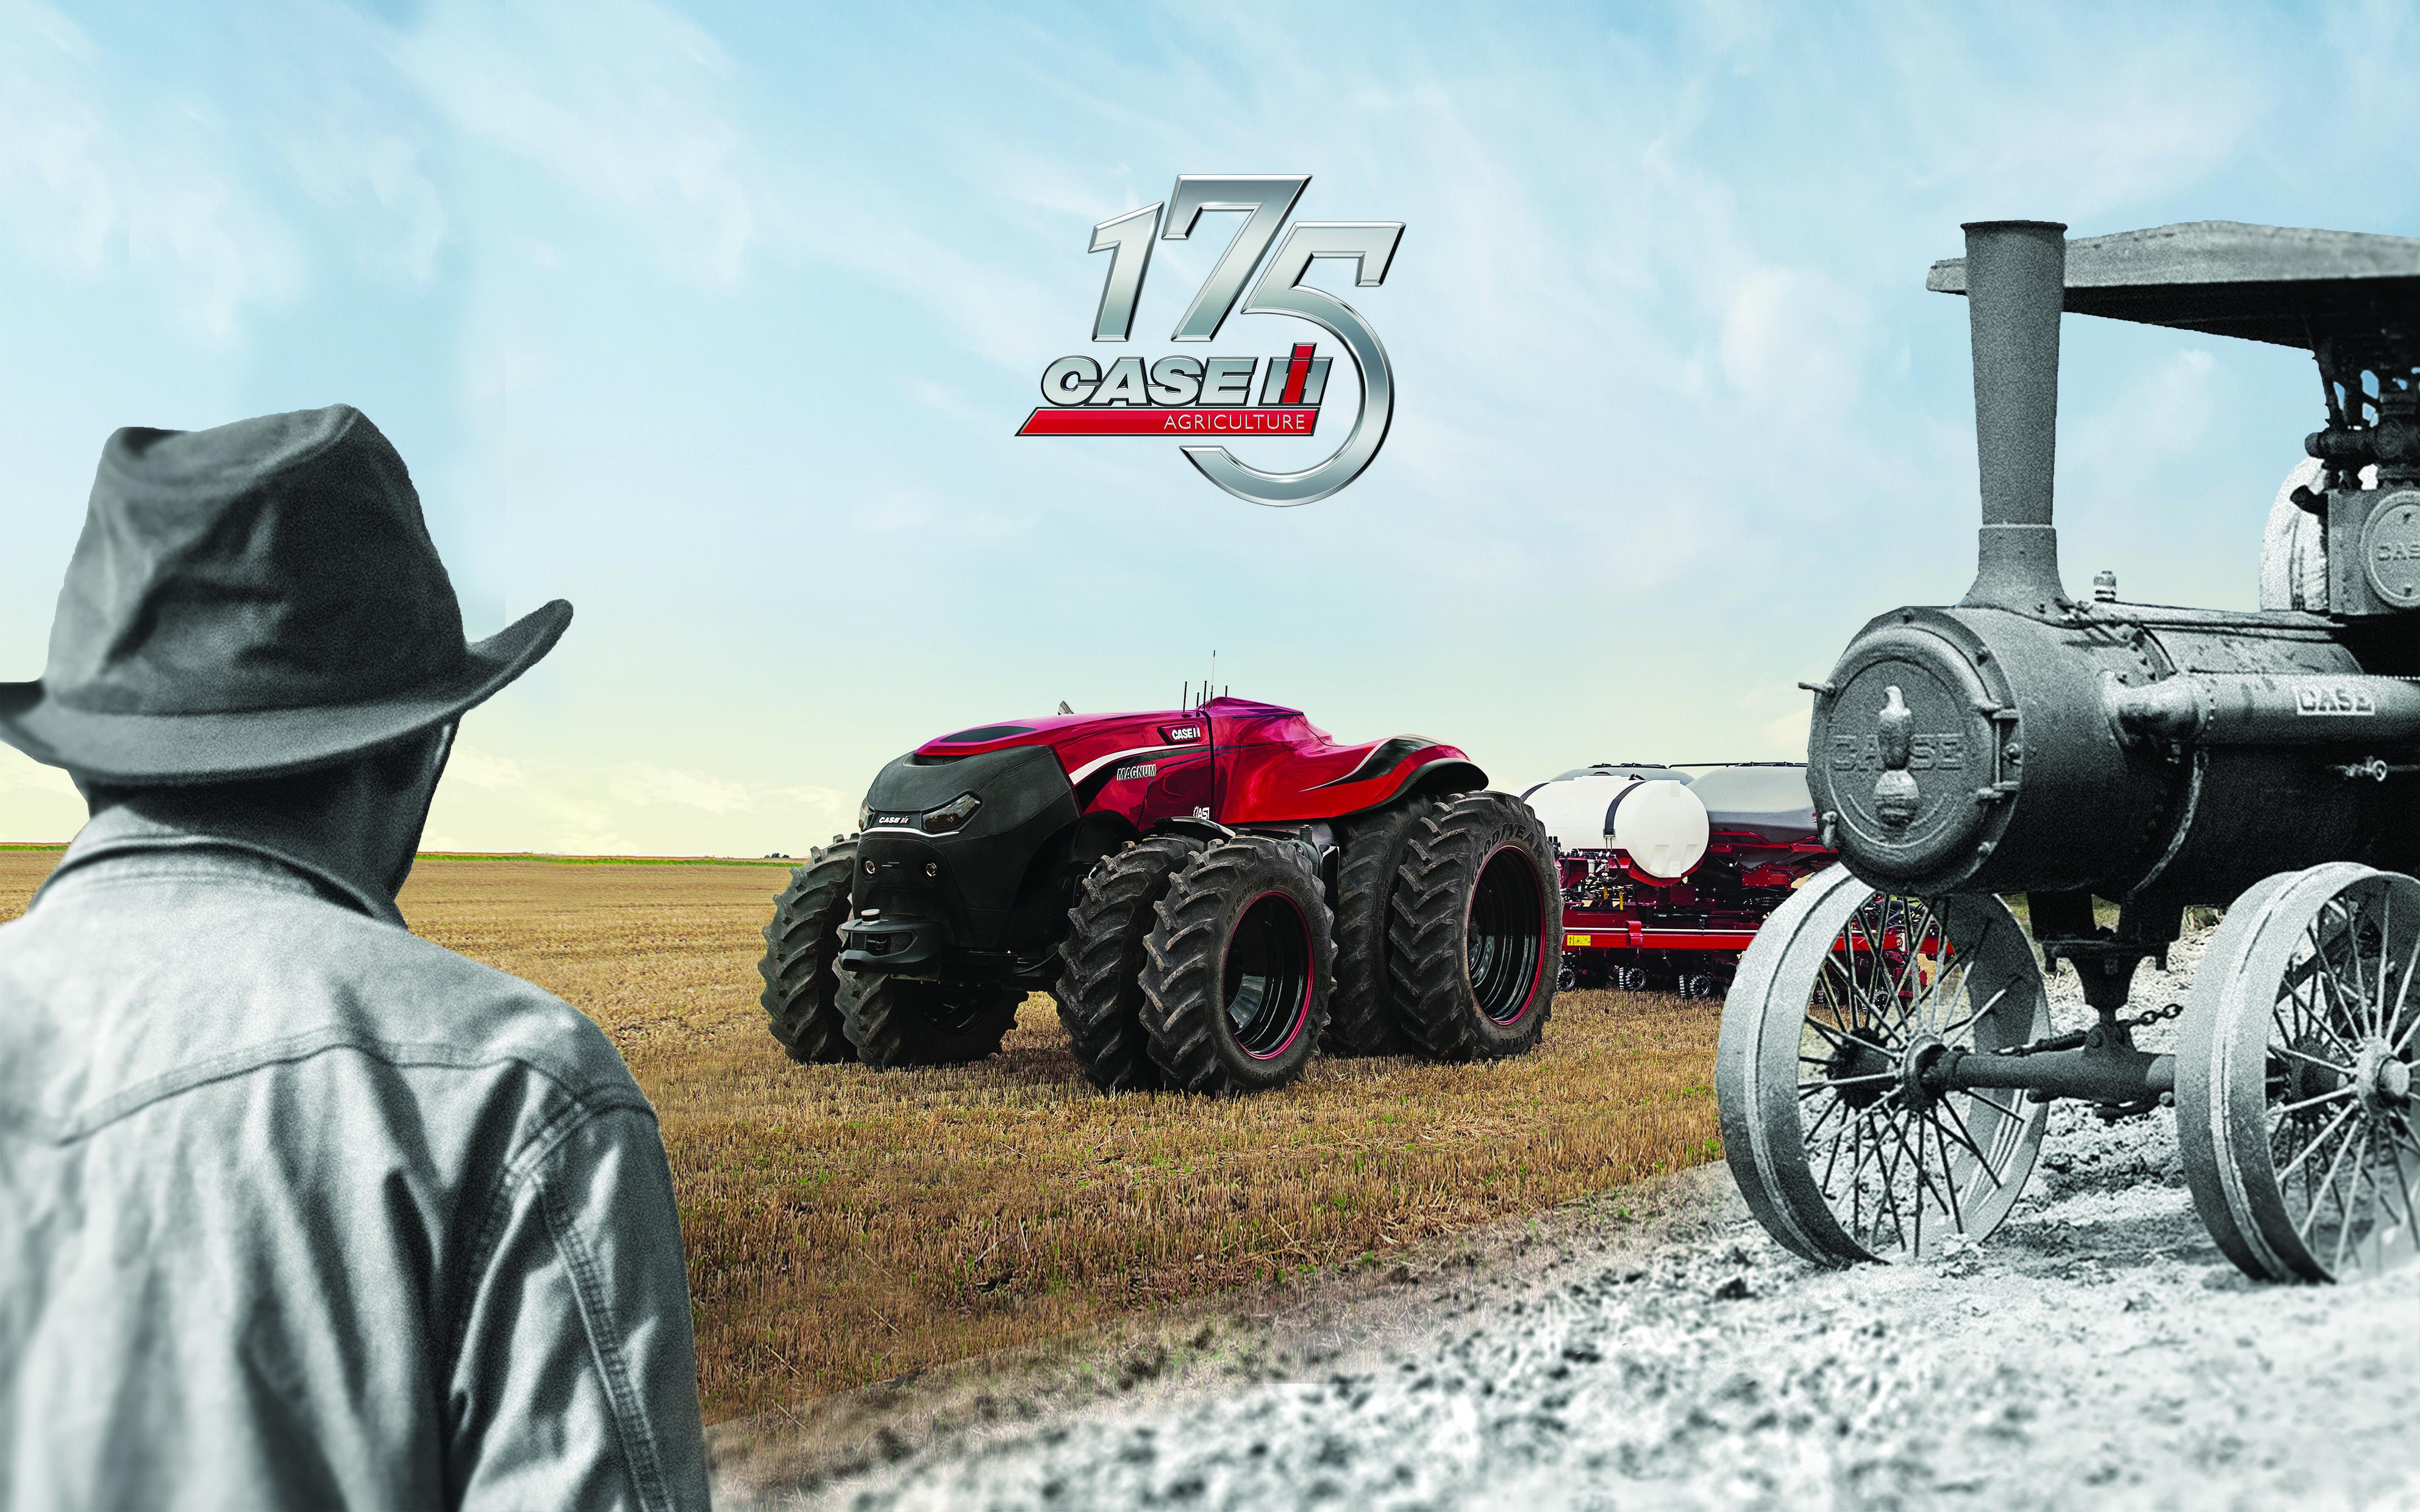 Case IH setzt zum 175. Jahrestag seiner Unternehmensgründung mit einem Autonomen Traktor Akzente auf der SIMA in Paris